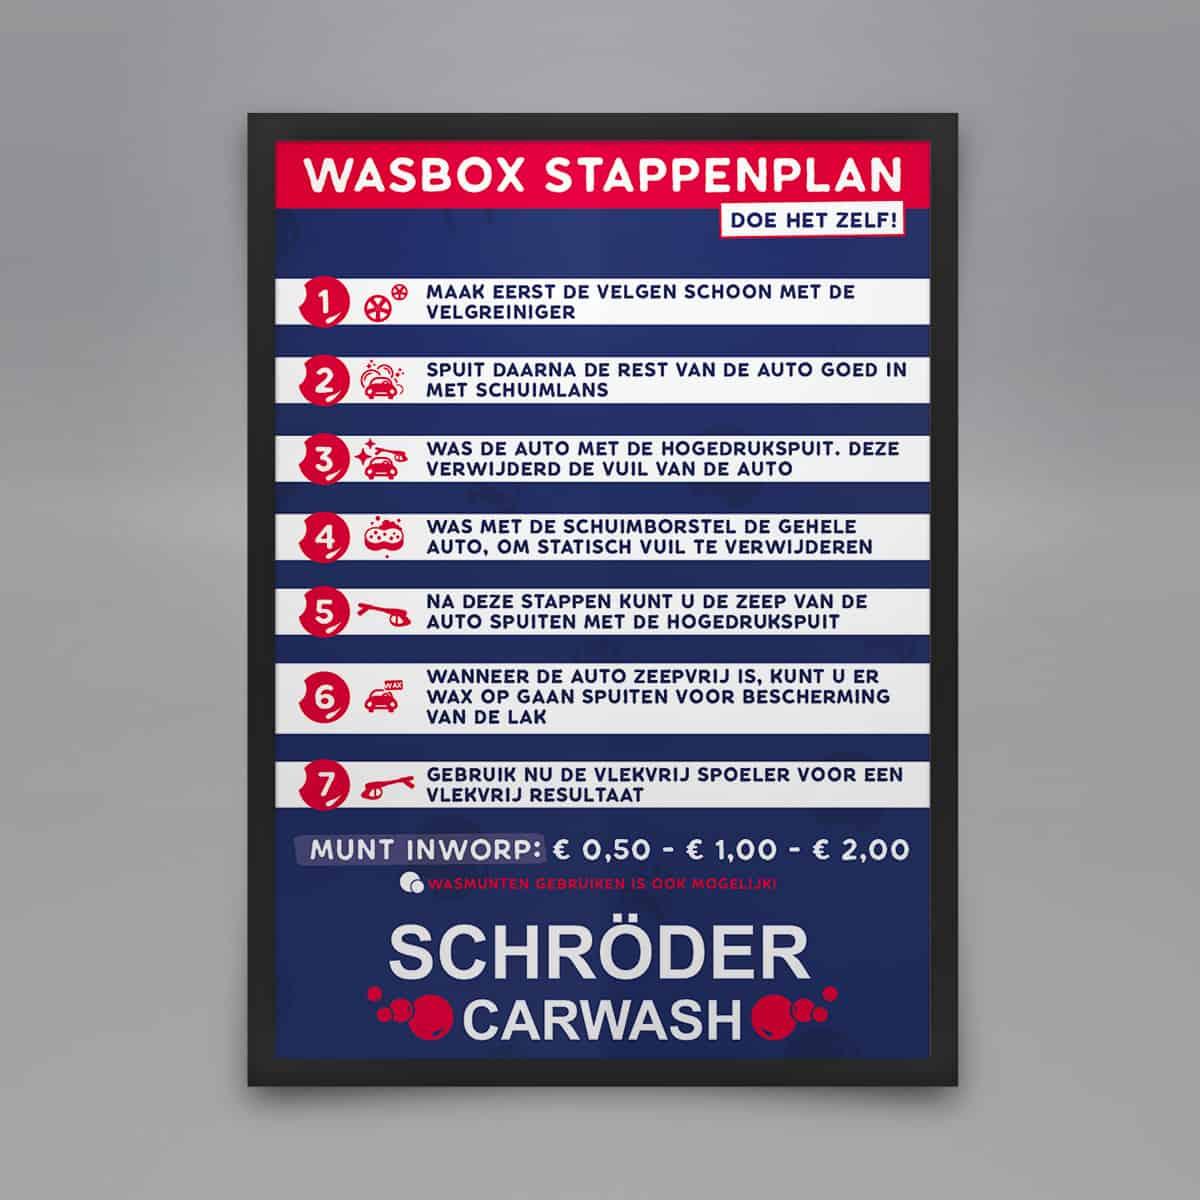 A3-poster-mockup-carwash-schroder-tubbergen-burobedenkt